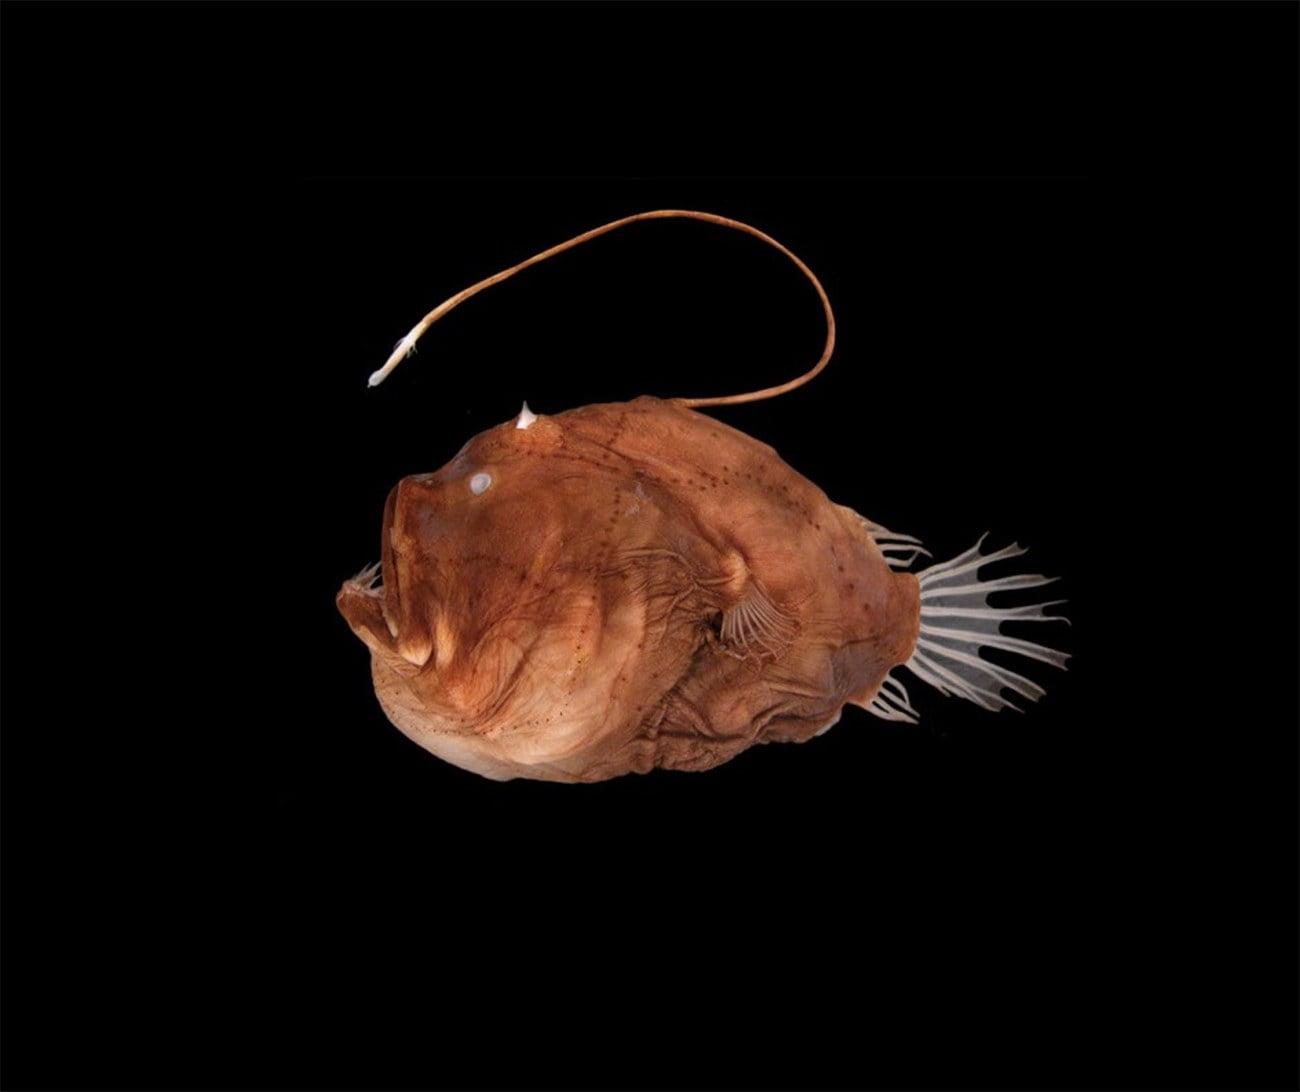 imagem de peixe capaz da bioluminescência